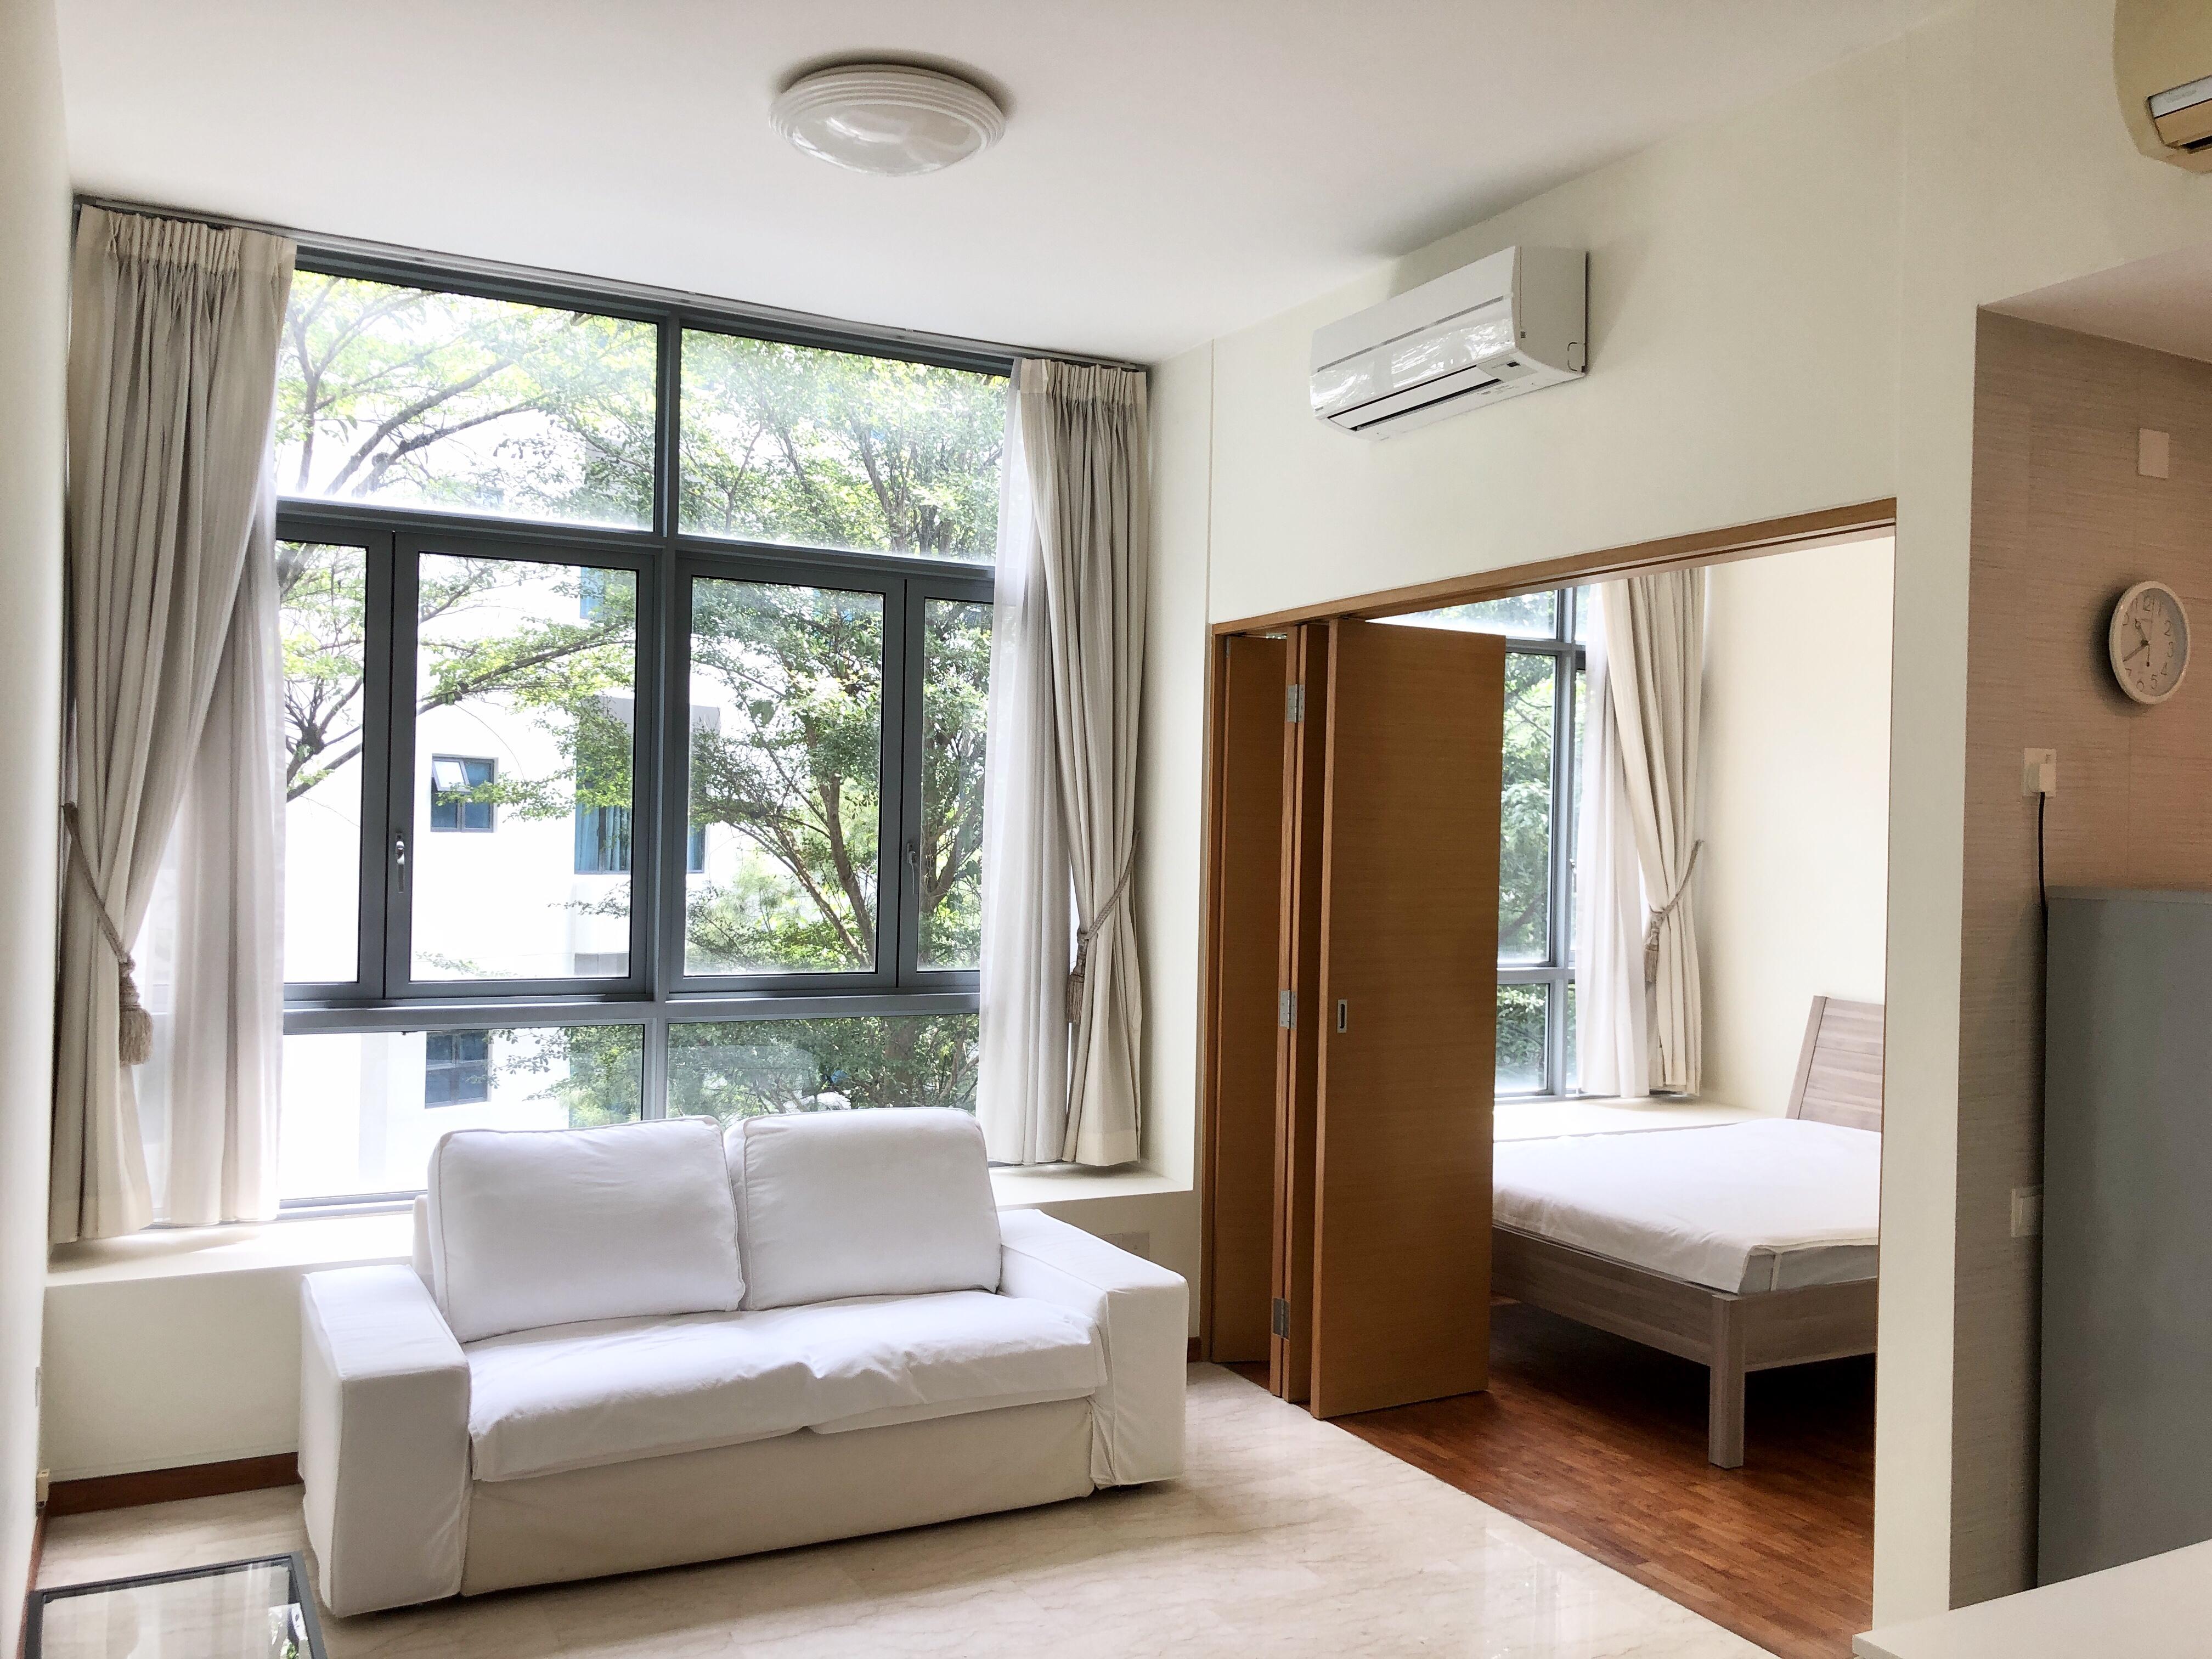 Living Area & Bedroom